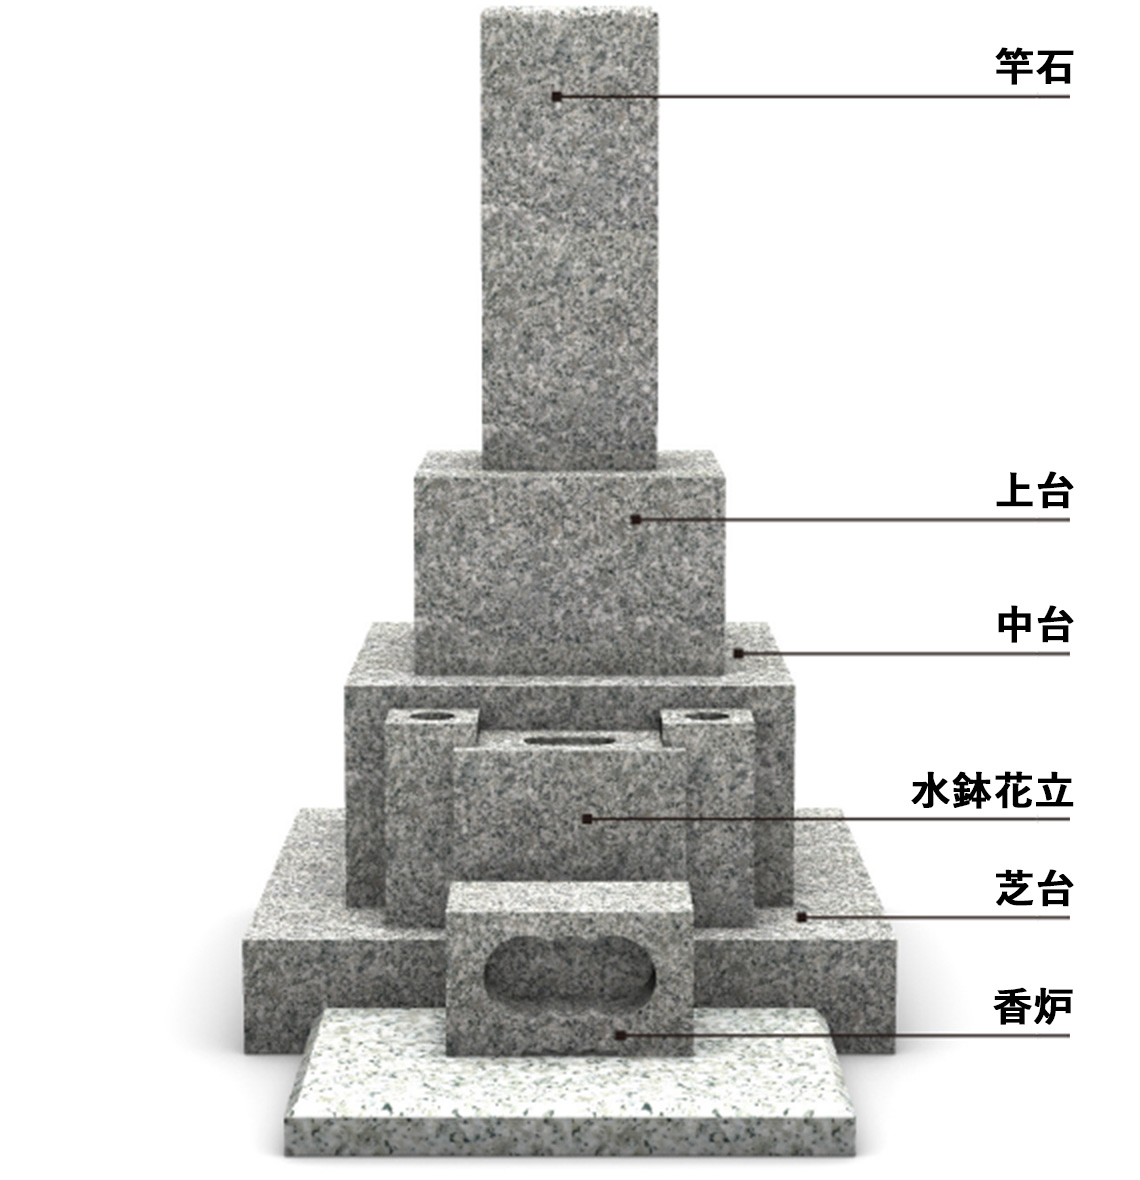 「暮石の各部名称」の画像検索結果